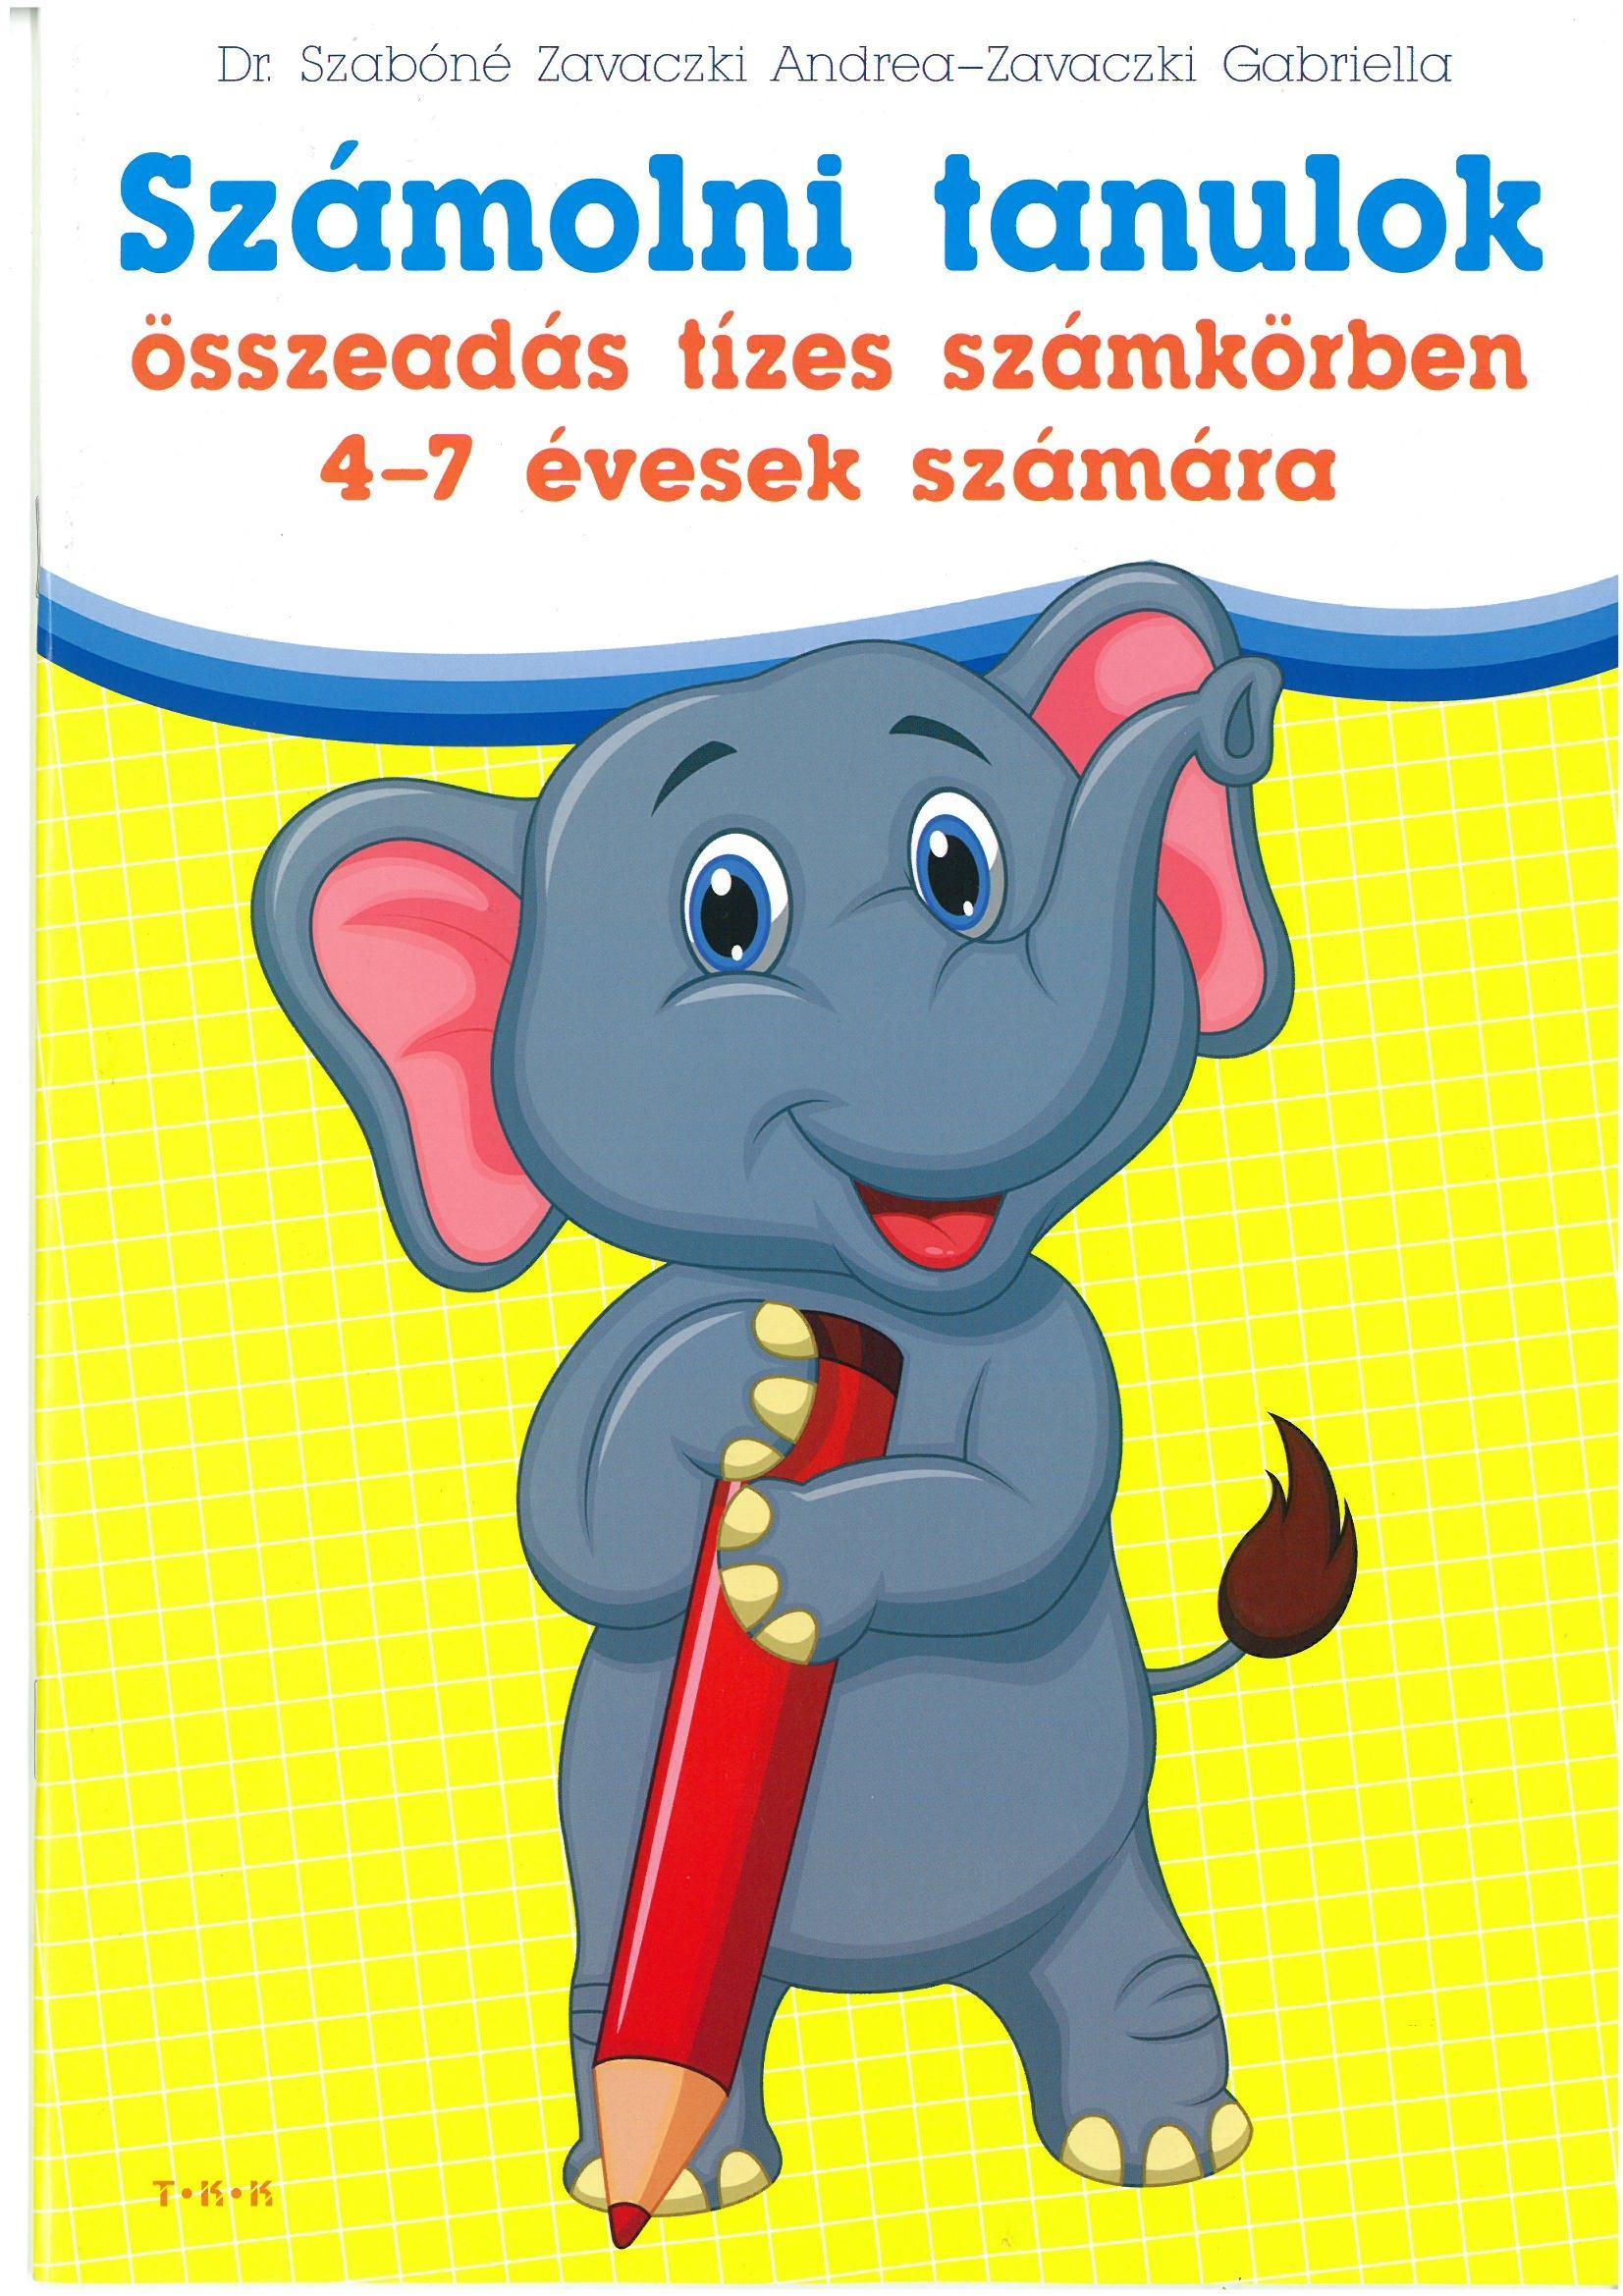 SZÁMOLNI TANULOK - ÖSSZEADÁS TÍZES SZÁMKÖRBEN 4-7 ÉVESEK SZÁMÁRA